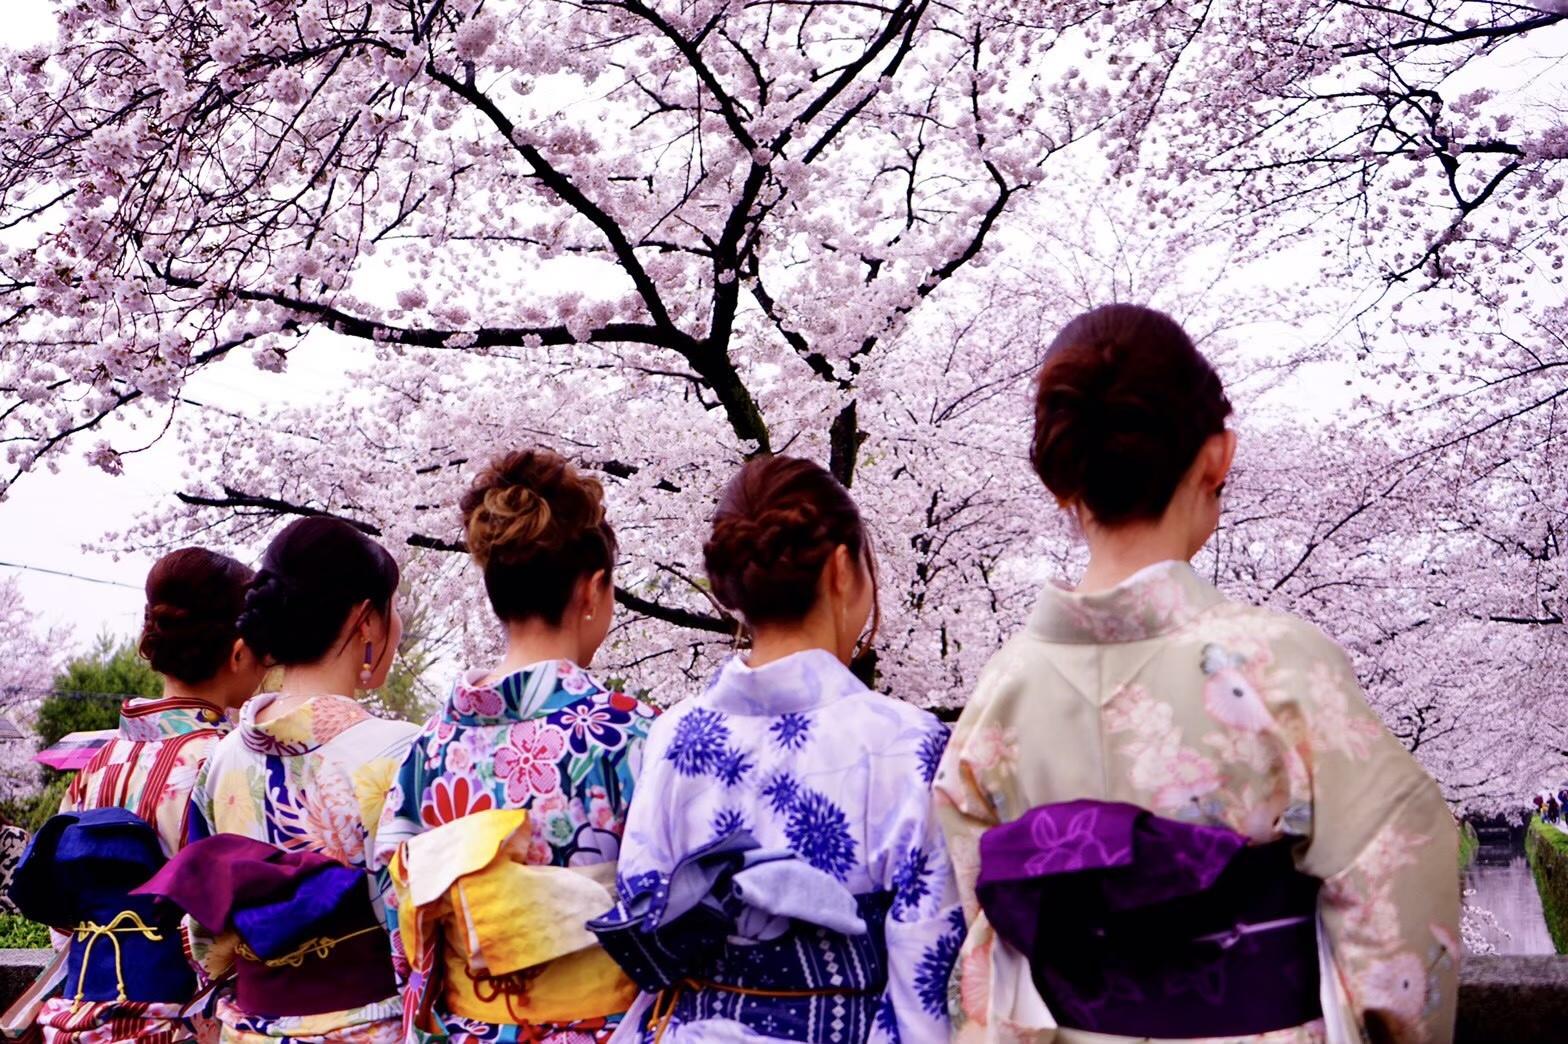 【女子旅におすすめ】京都で体験して最高だったベストメモリーまとめ♡_20